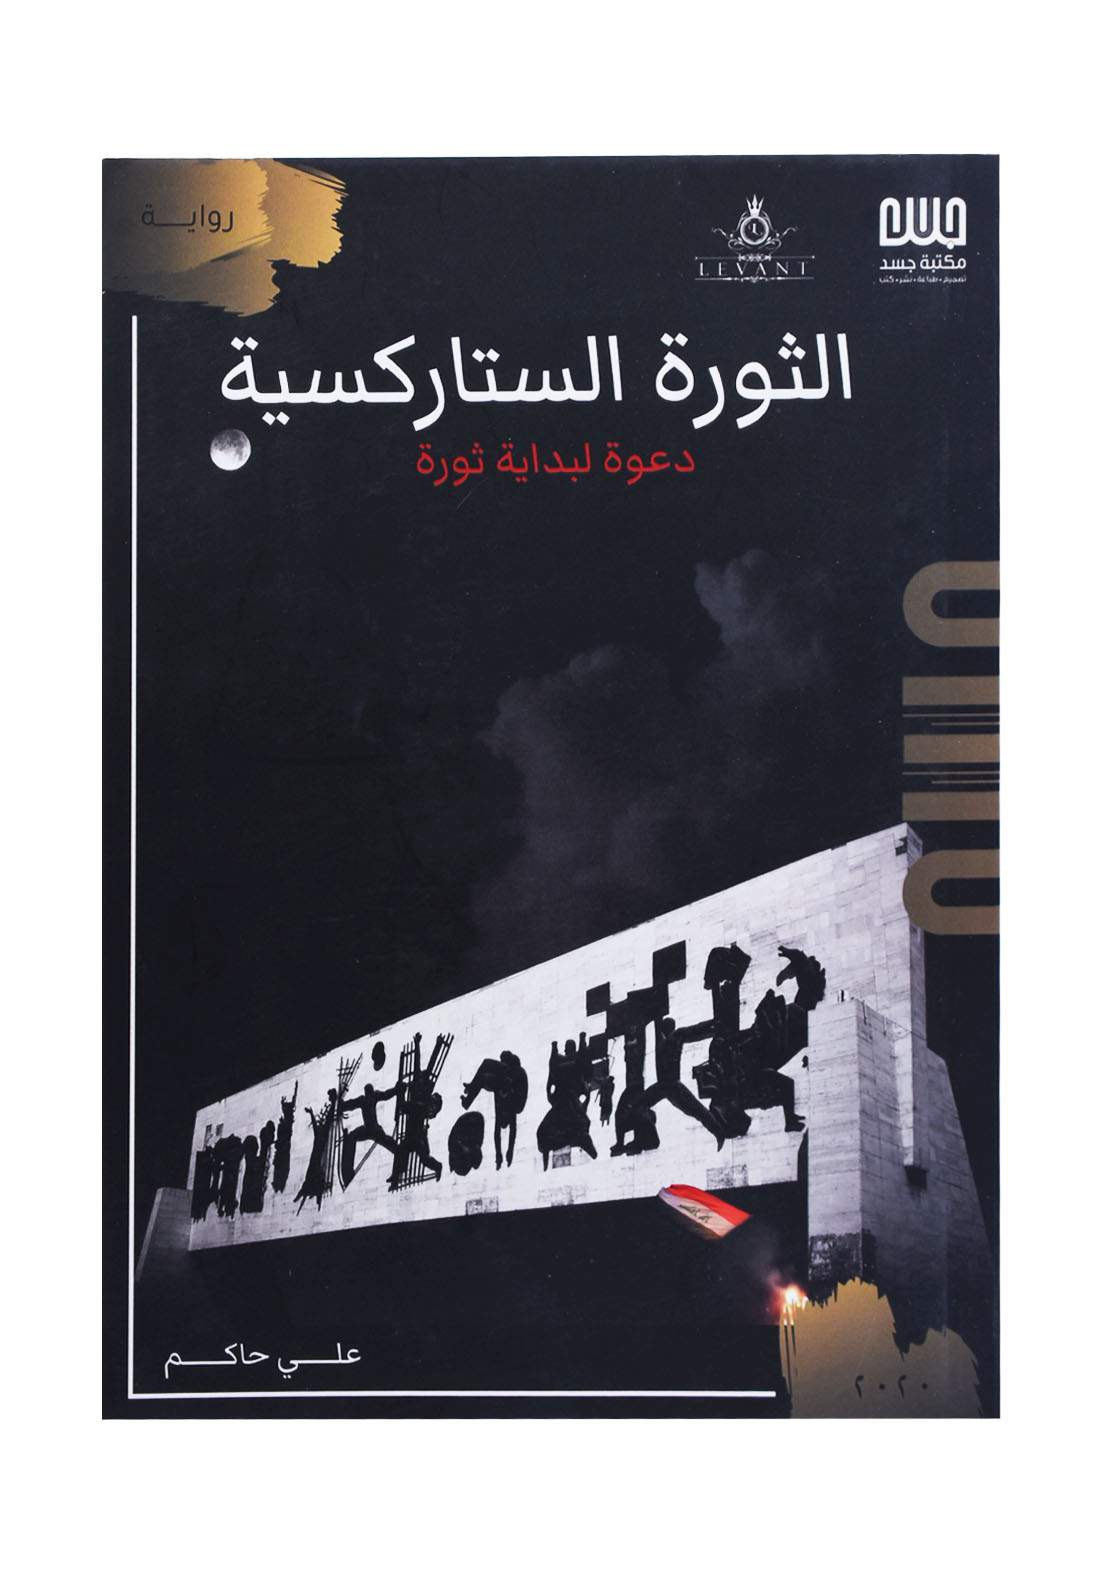 الثورة الستاركسية